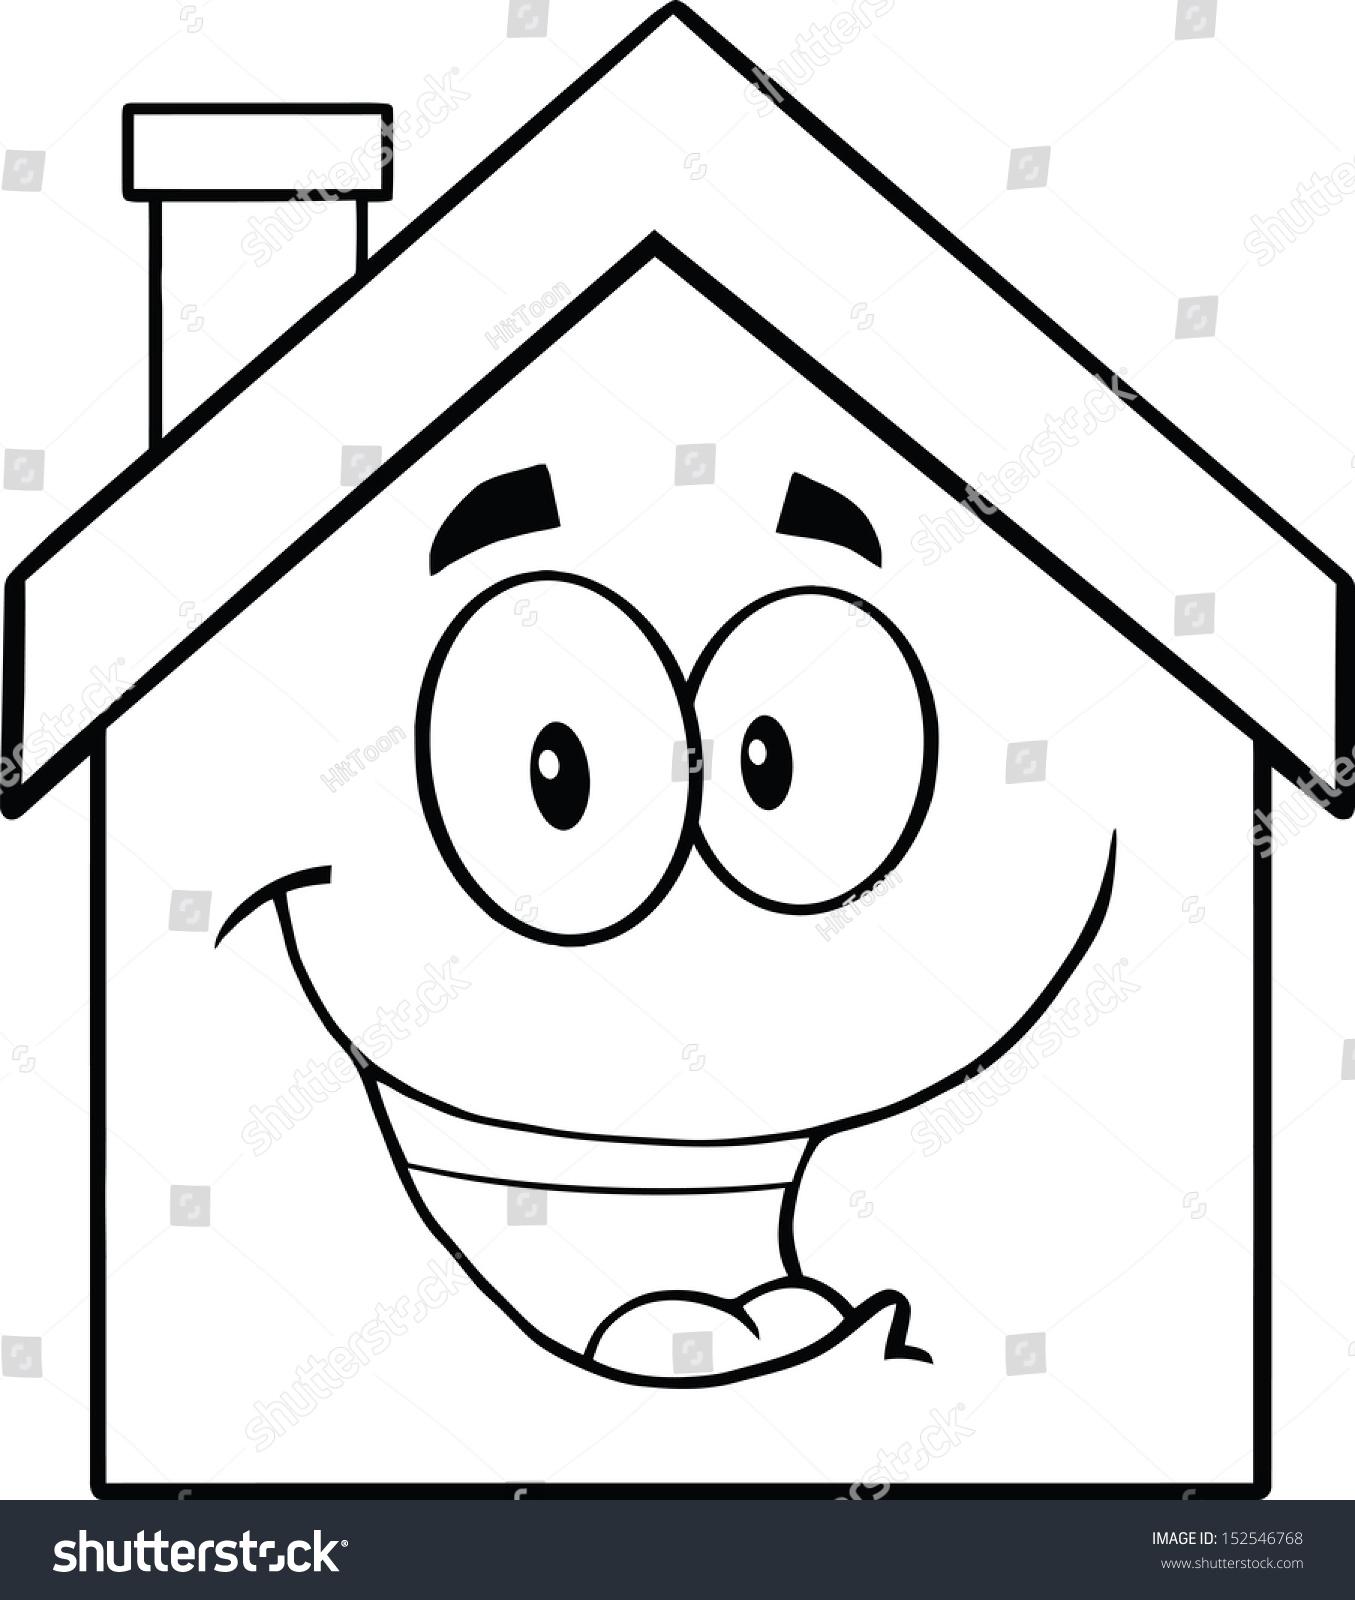 Back White Happy House Cartoon Mascot Stock Vector Royalty Free